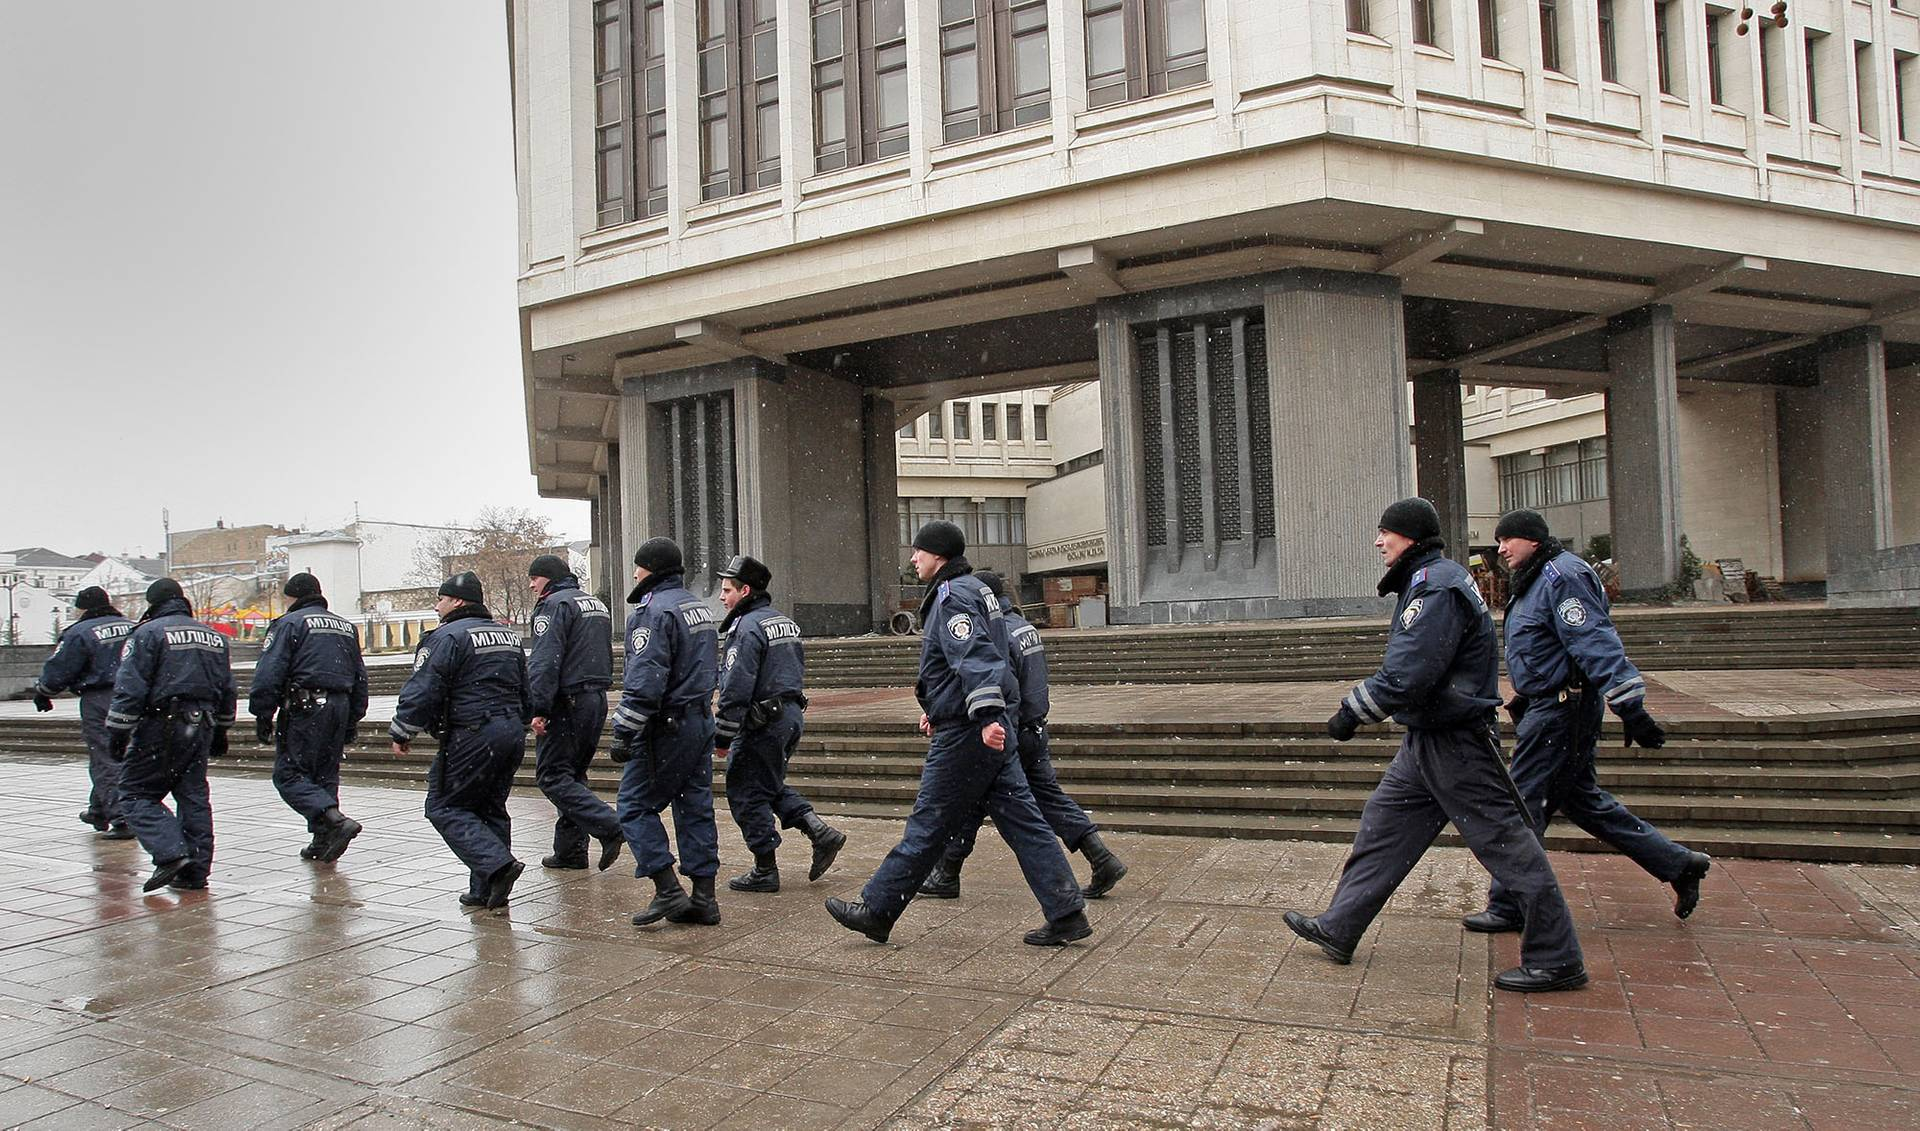 Нечисленні лави міліціонерів біля будівлі Верховної Ради та Уряду Криму в Сімферополі, Крим, 27 лютого 2014 року